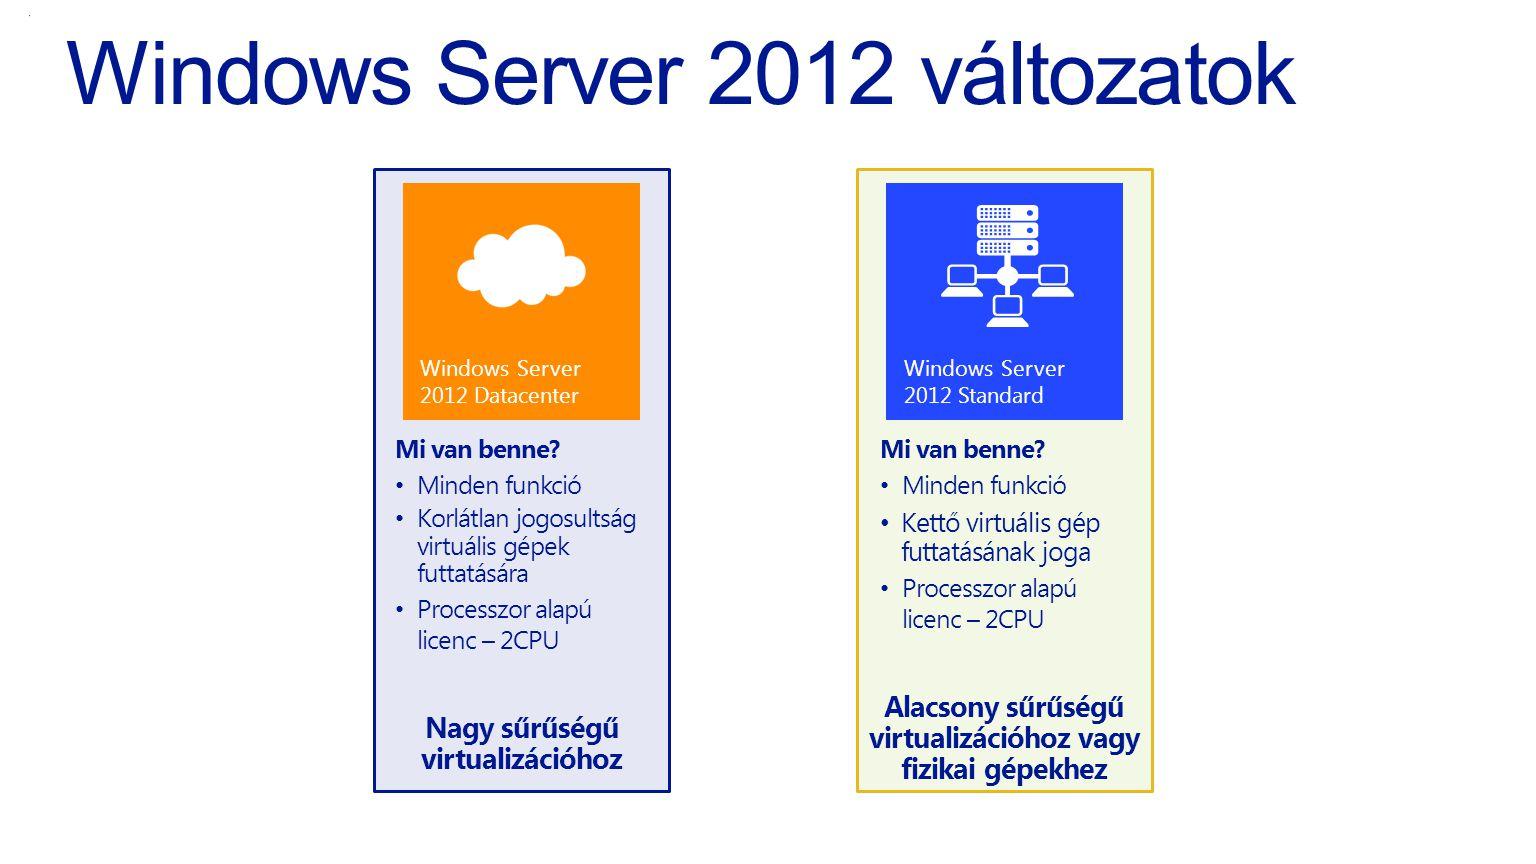 Windows Server 2012 változatok Nagy sűrűségű virtualizációhoz Alacsony sűrűségű virtualizációhoz vagy fizikai gépekhez Mi van benne? Minden funkció Ko